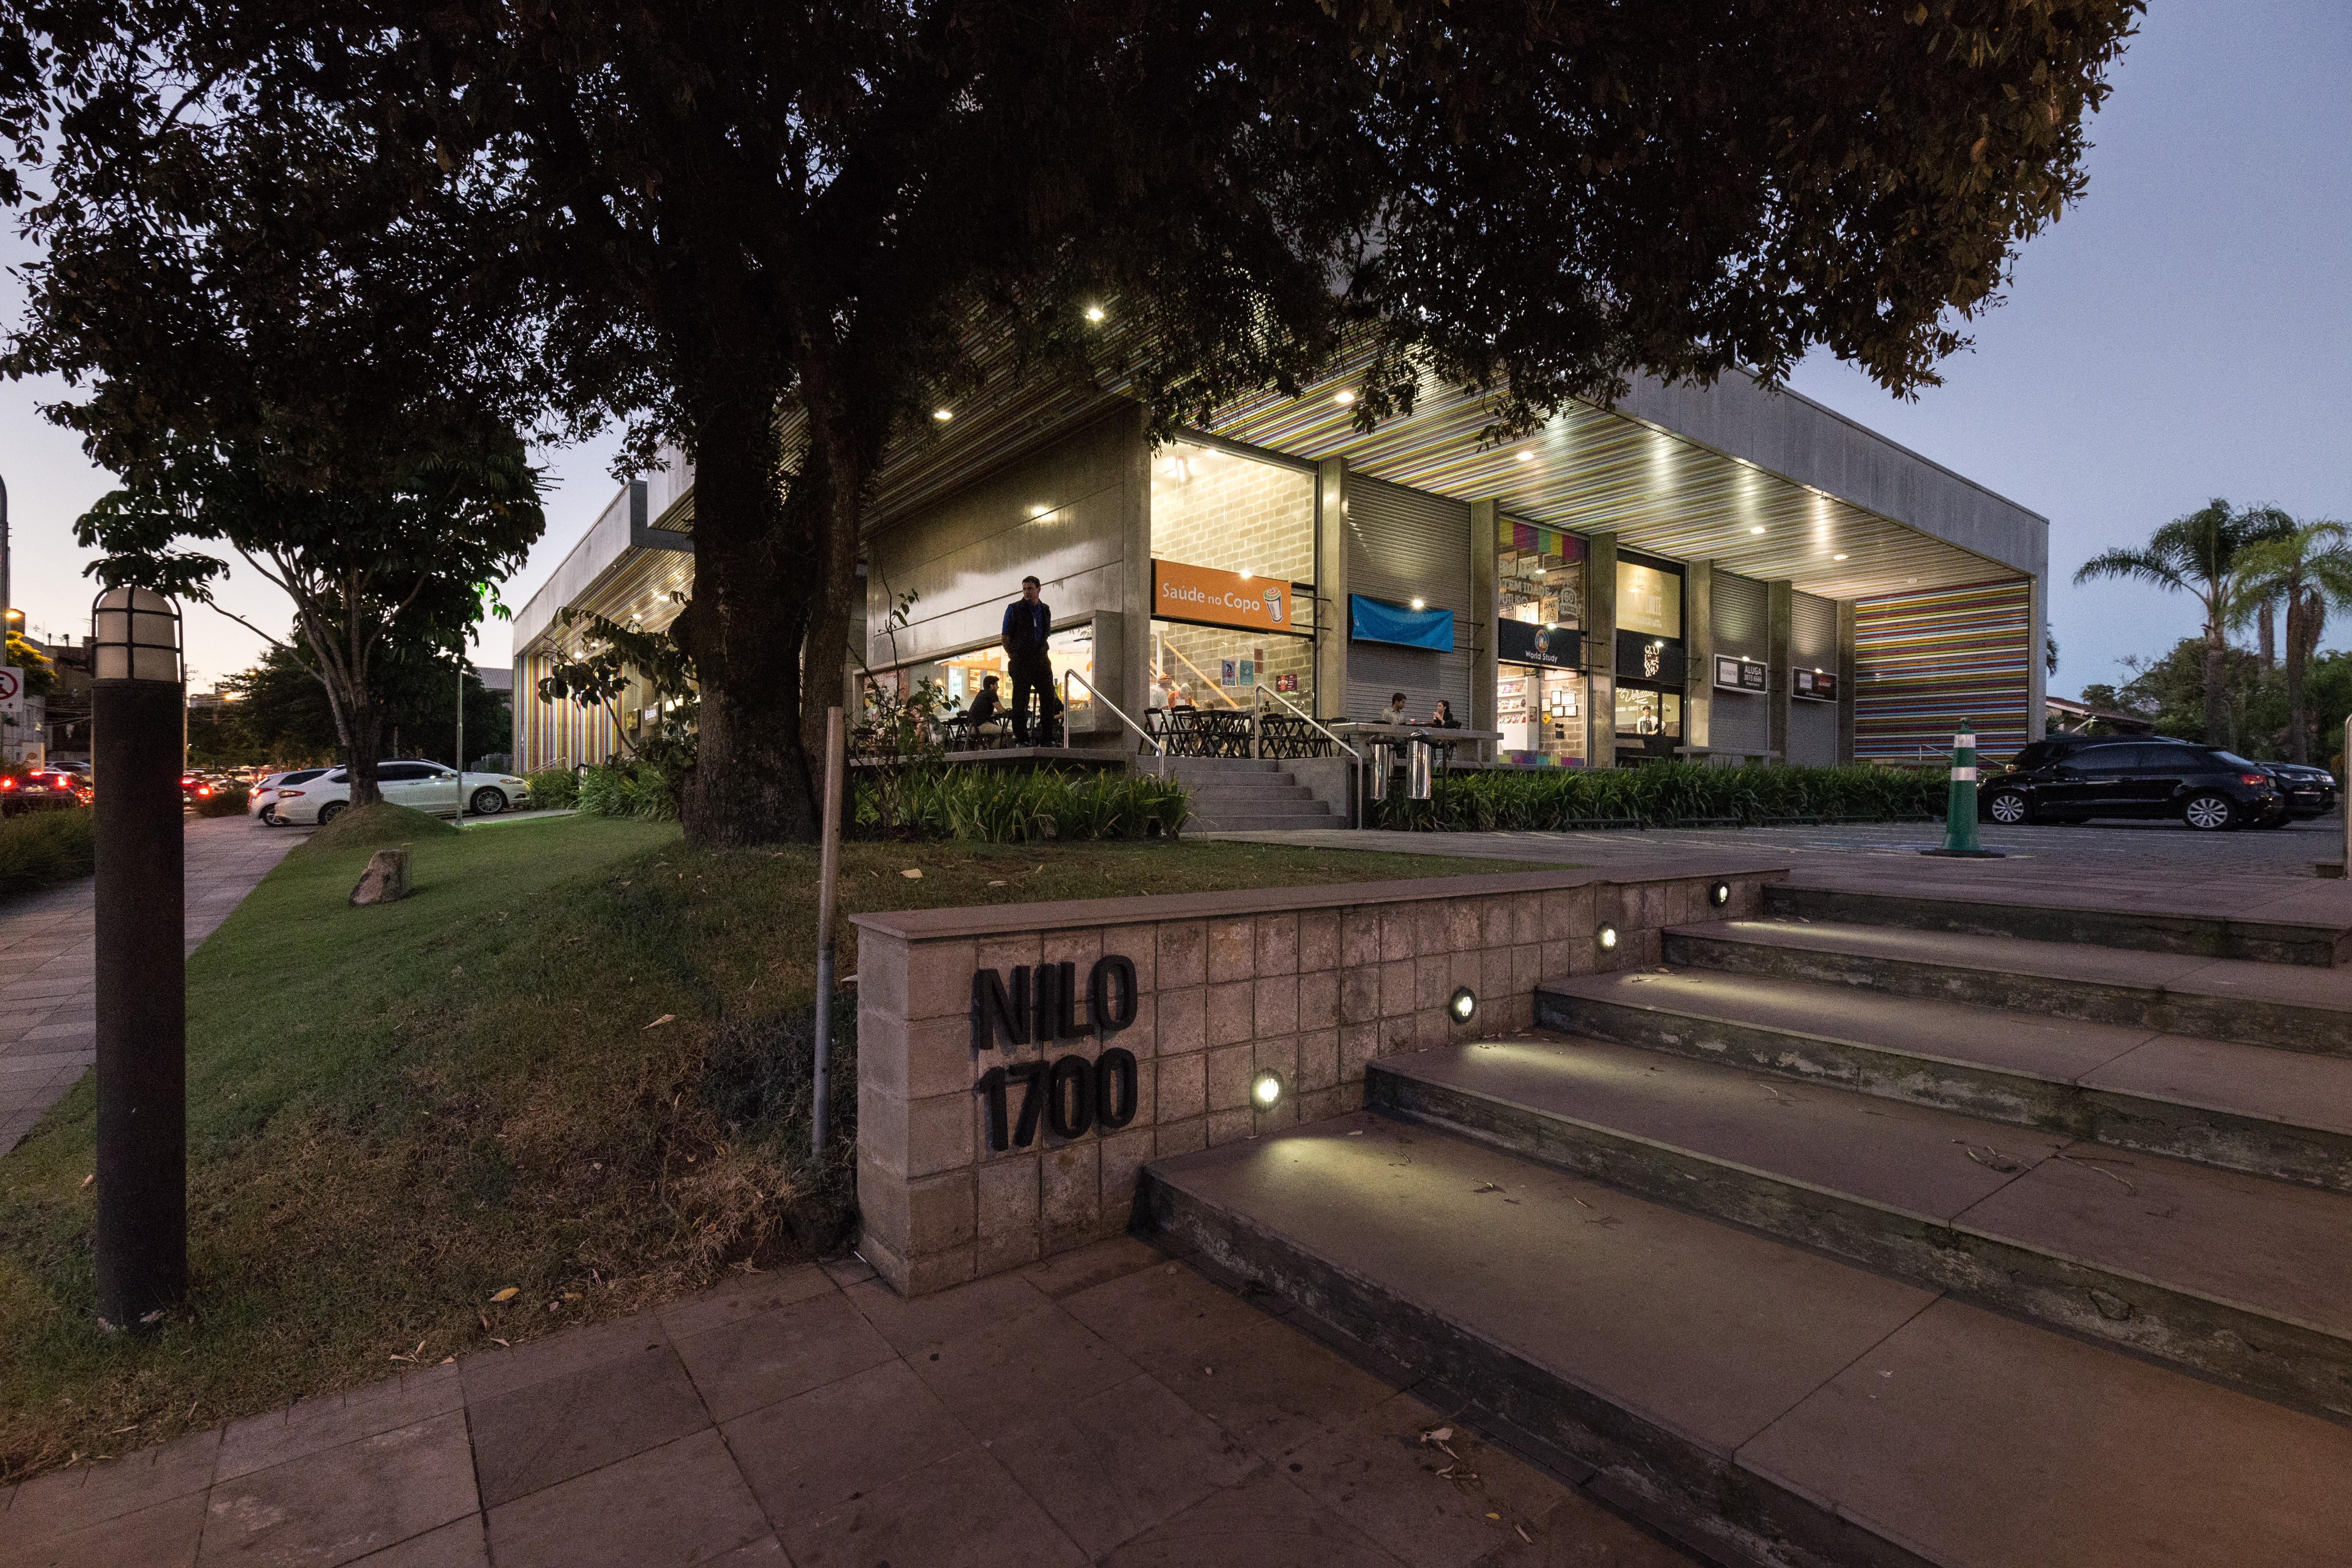 Mall Nilo - Entrada